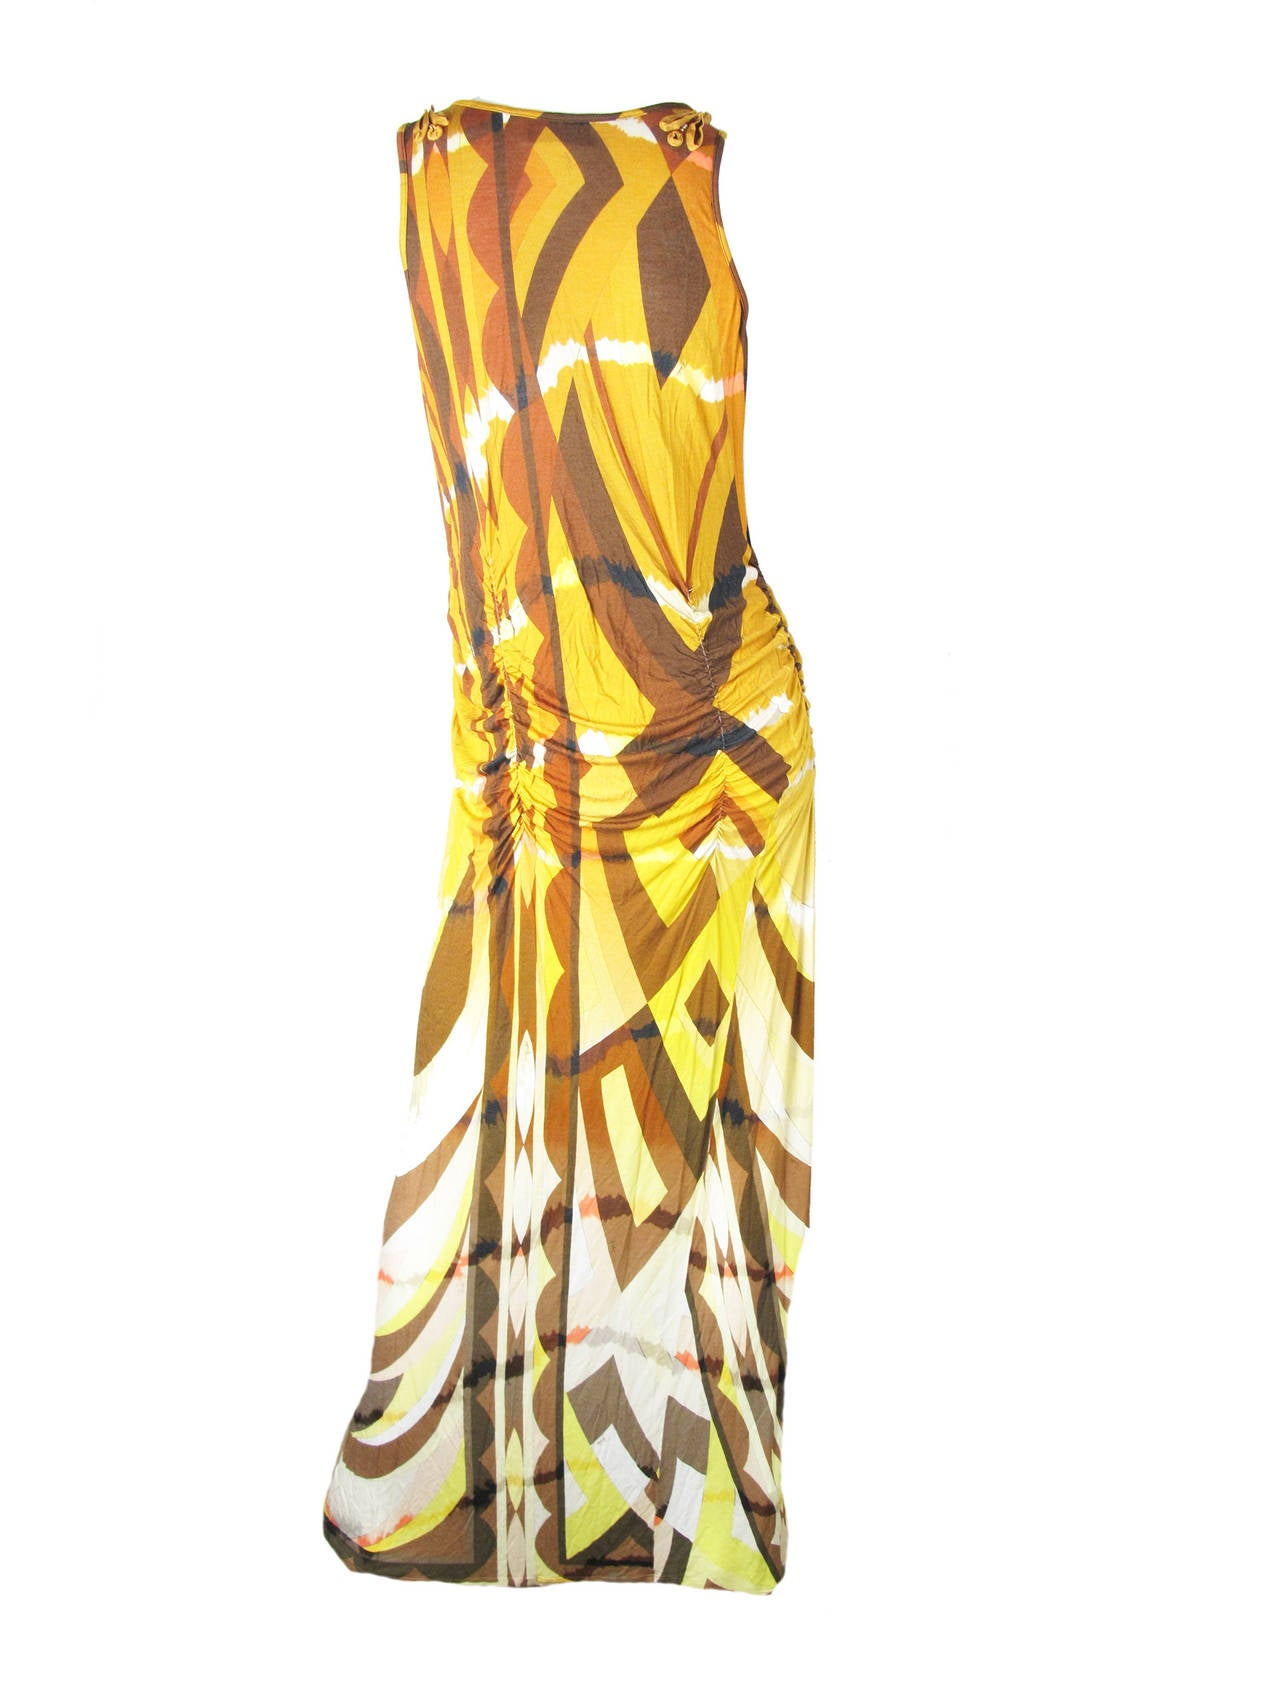 Emilio Pucci rayon tie dye tank dress. 34